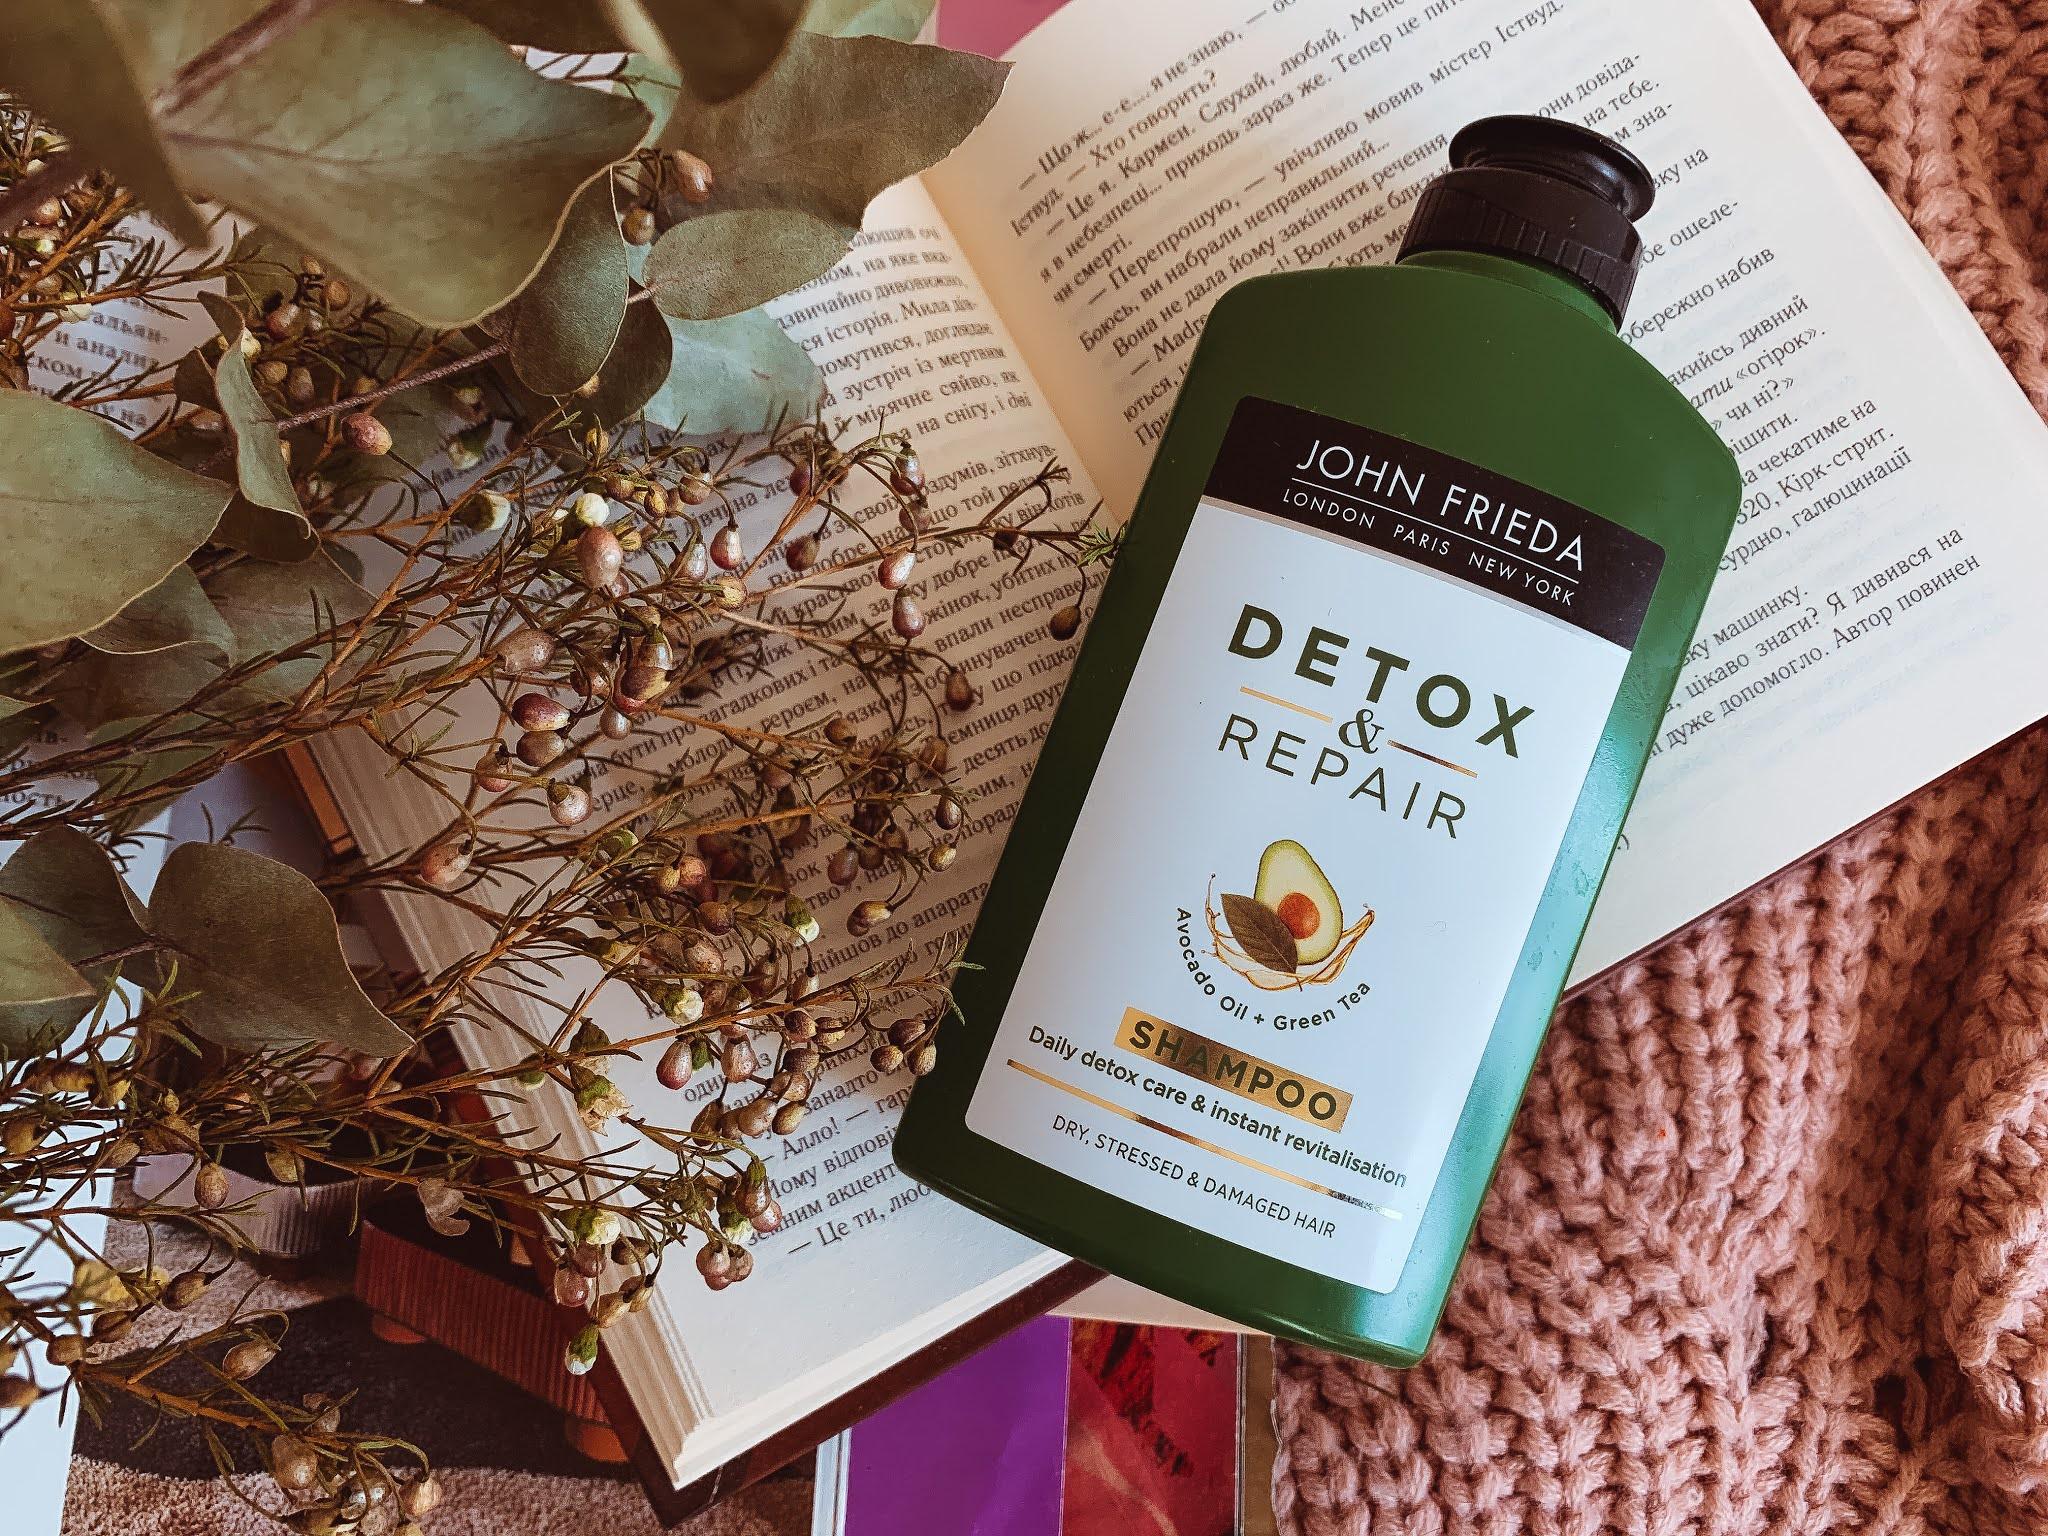 Detox & Repair